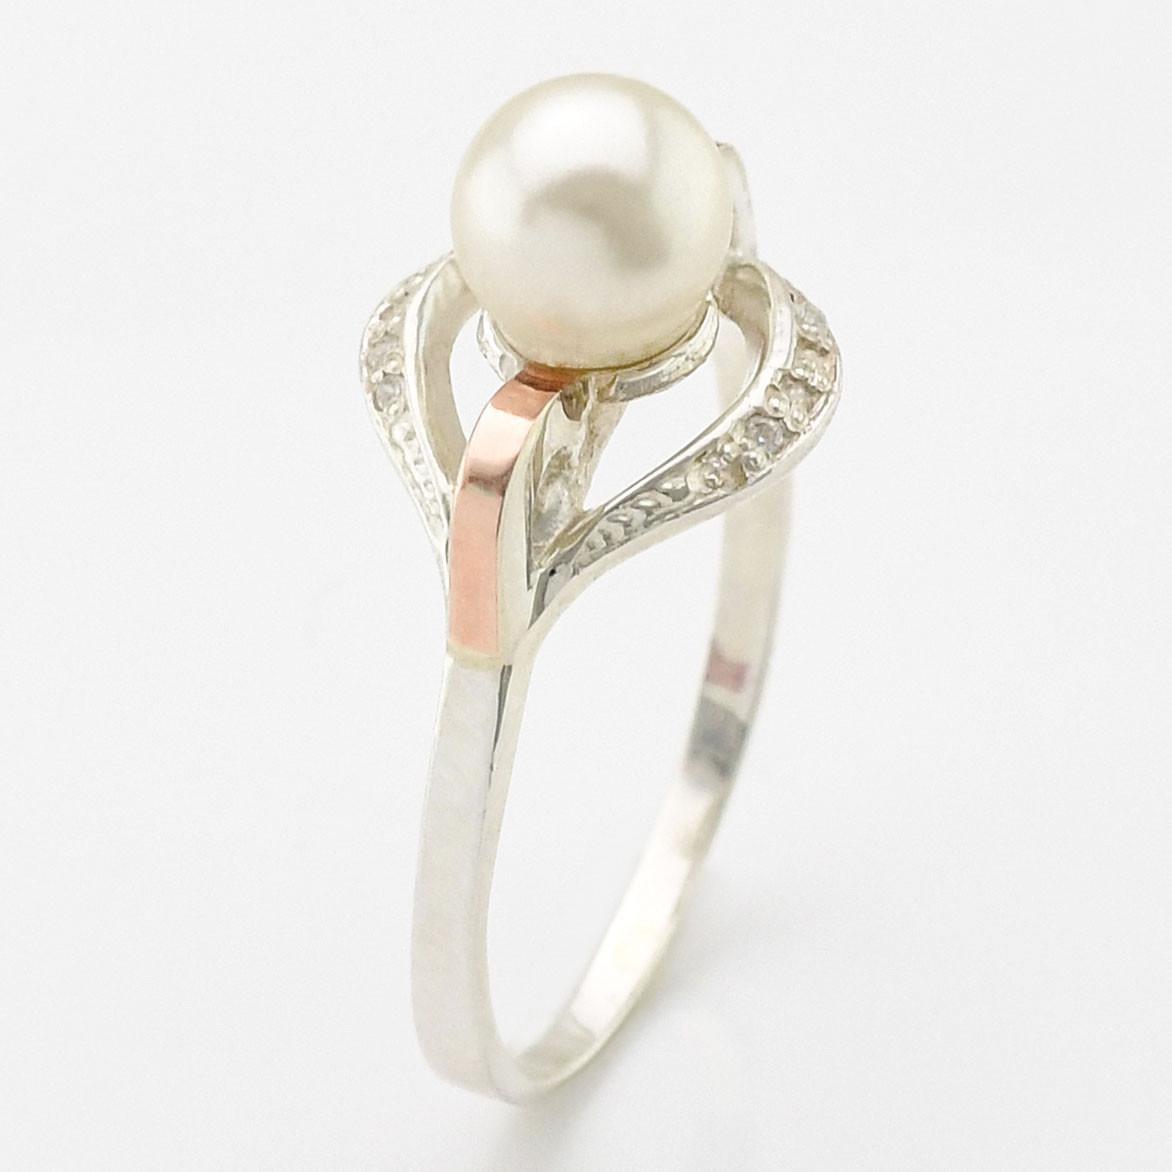 """Серебряное кольцо с золотыми пластинами """"Улыбка"""", вставка искусственный жемчуг, вес 2.54 г, размер 17"""